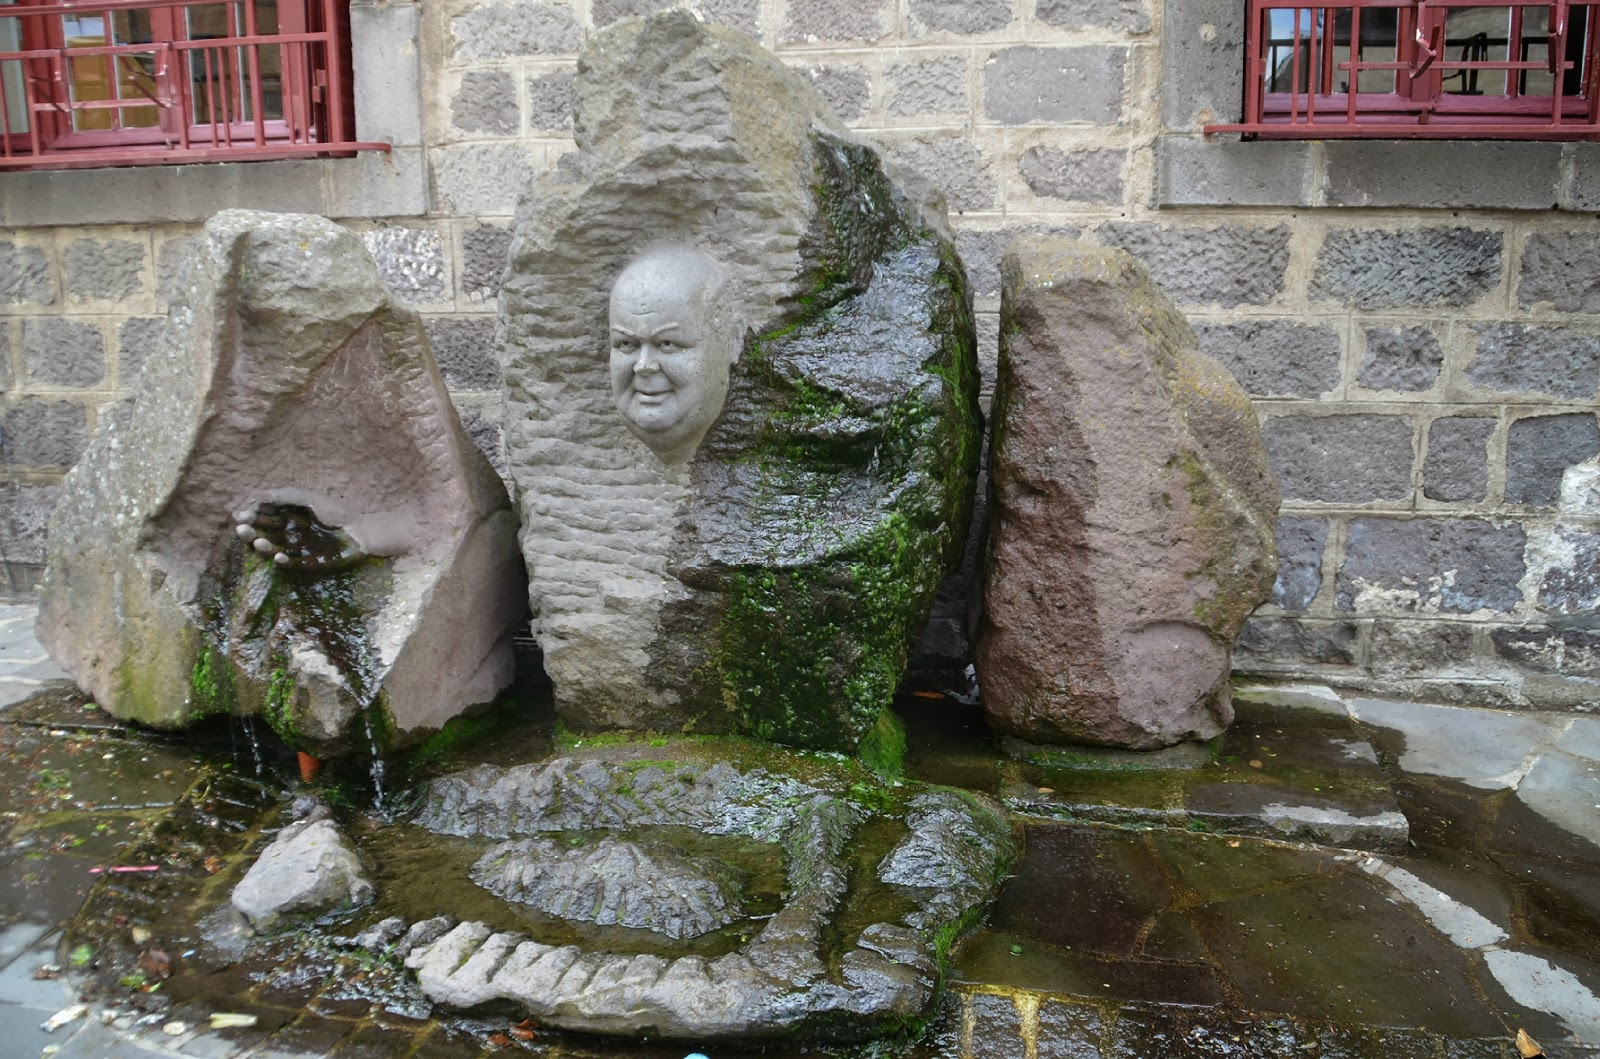 Besse en Chandesse, Auvergne